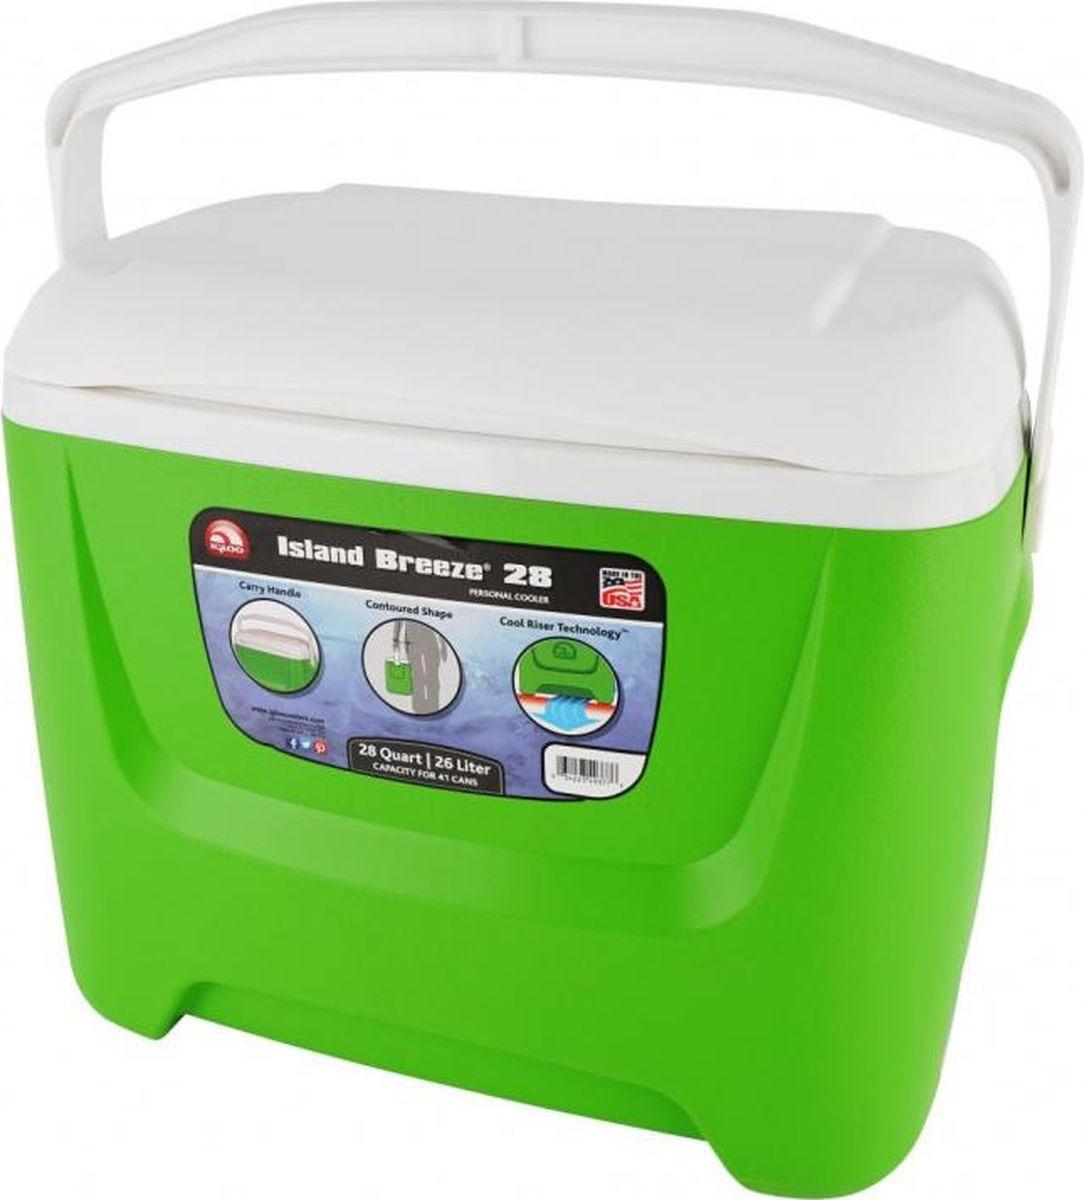 Изотермический контейнер Igloo Island Breeze, 00049377, зеленый, 46 х 32 х 39 см